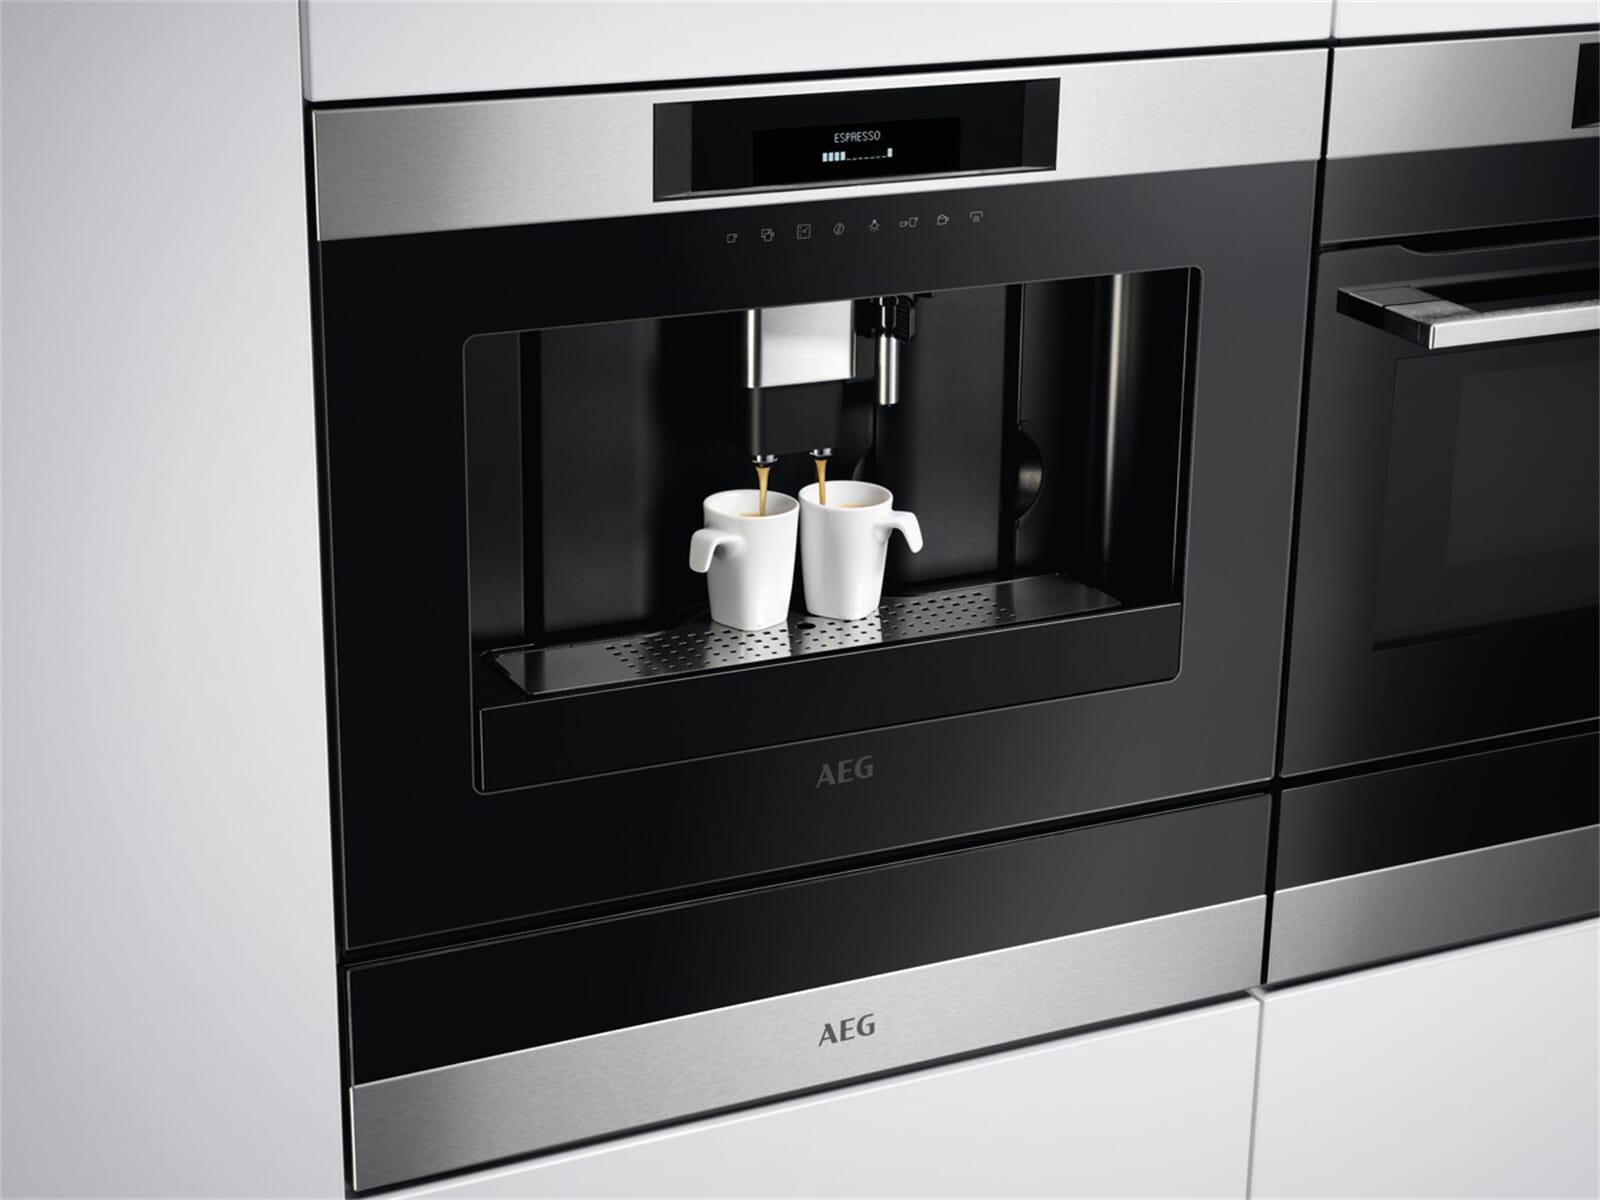 aeg kkk884500m einbau espresso kaffeevollautomat edelstahl. Black Bedroom Furniture Sets. Home Design Ideas